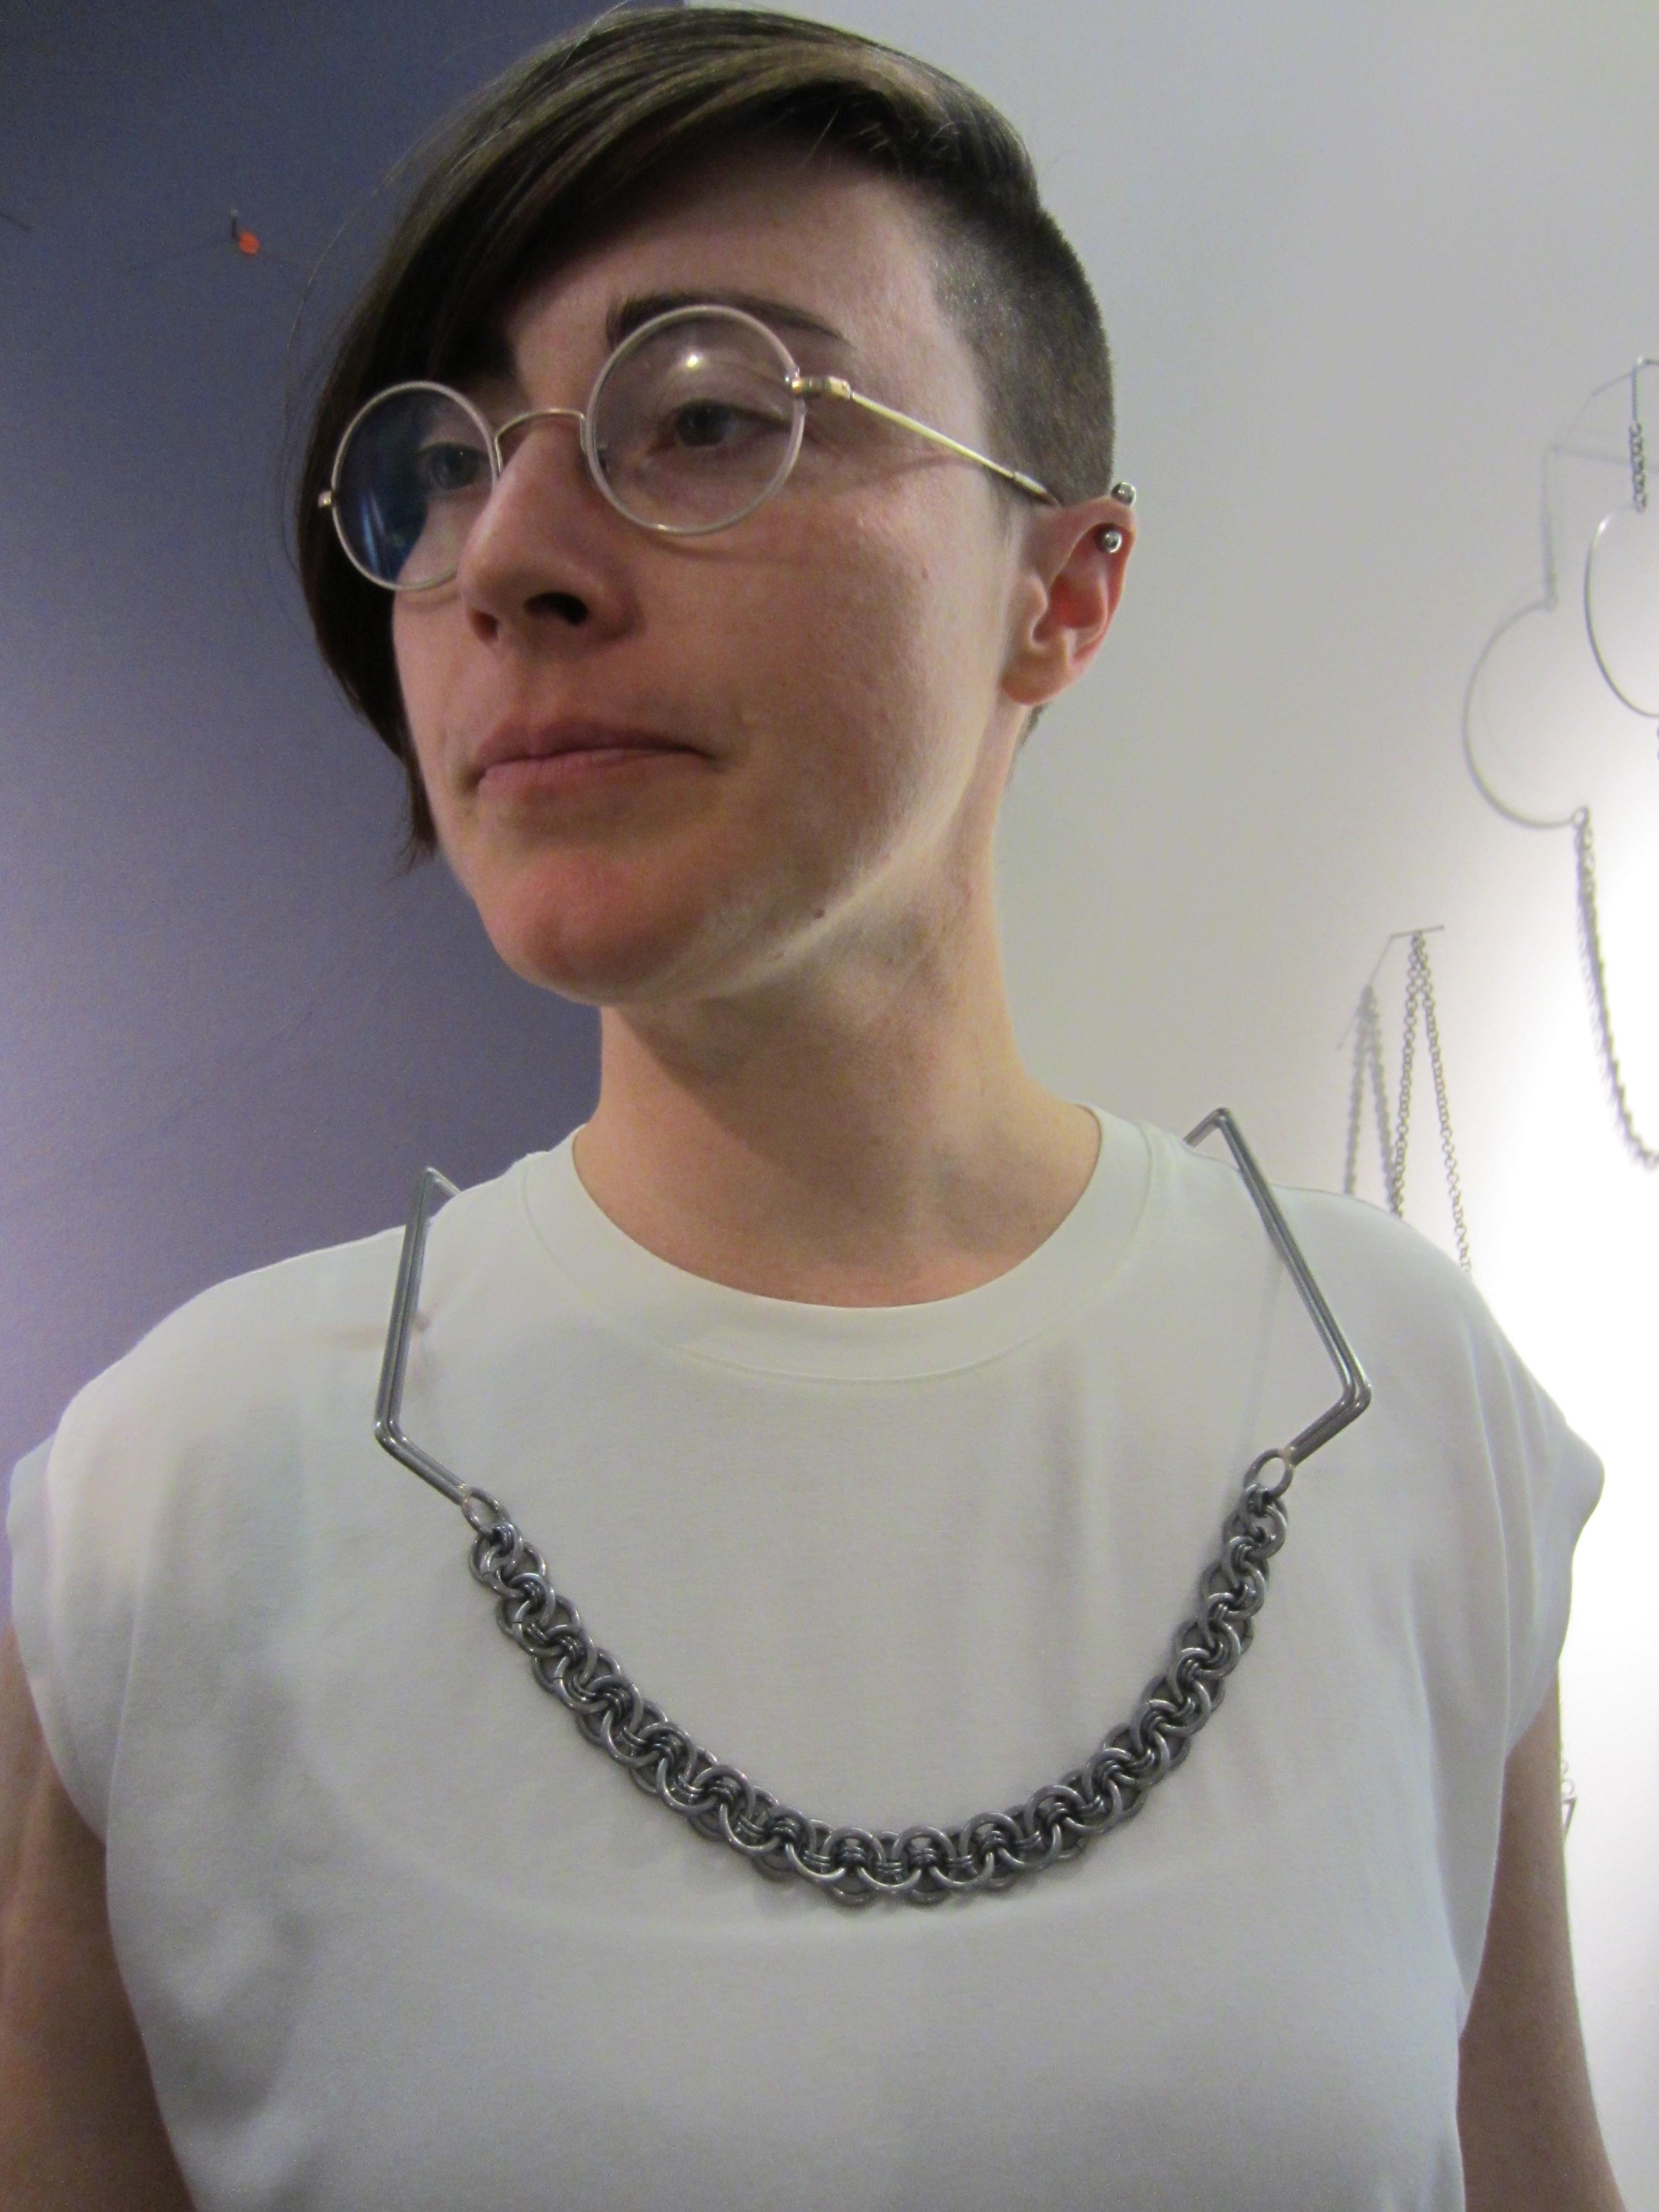 Rebekah Frank in Galerie Ra, 2014, portret met halssieraad